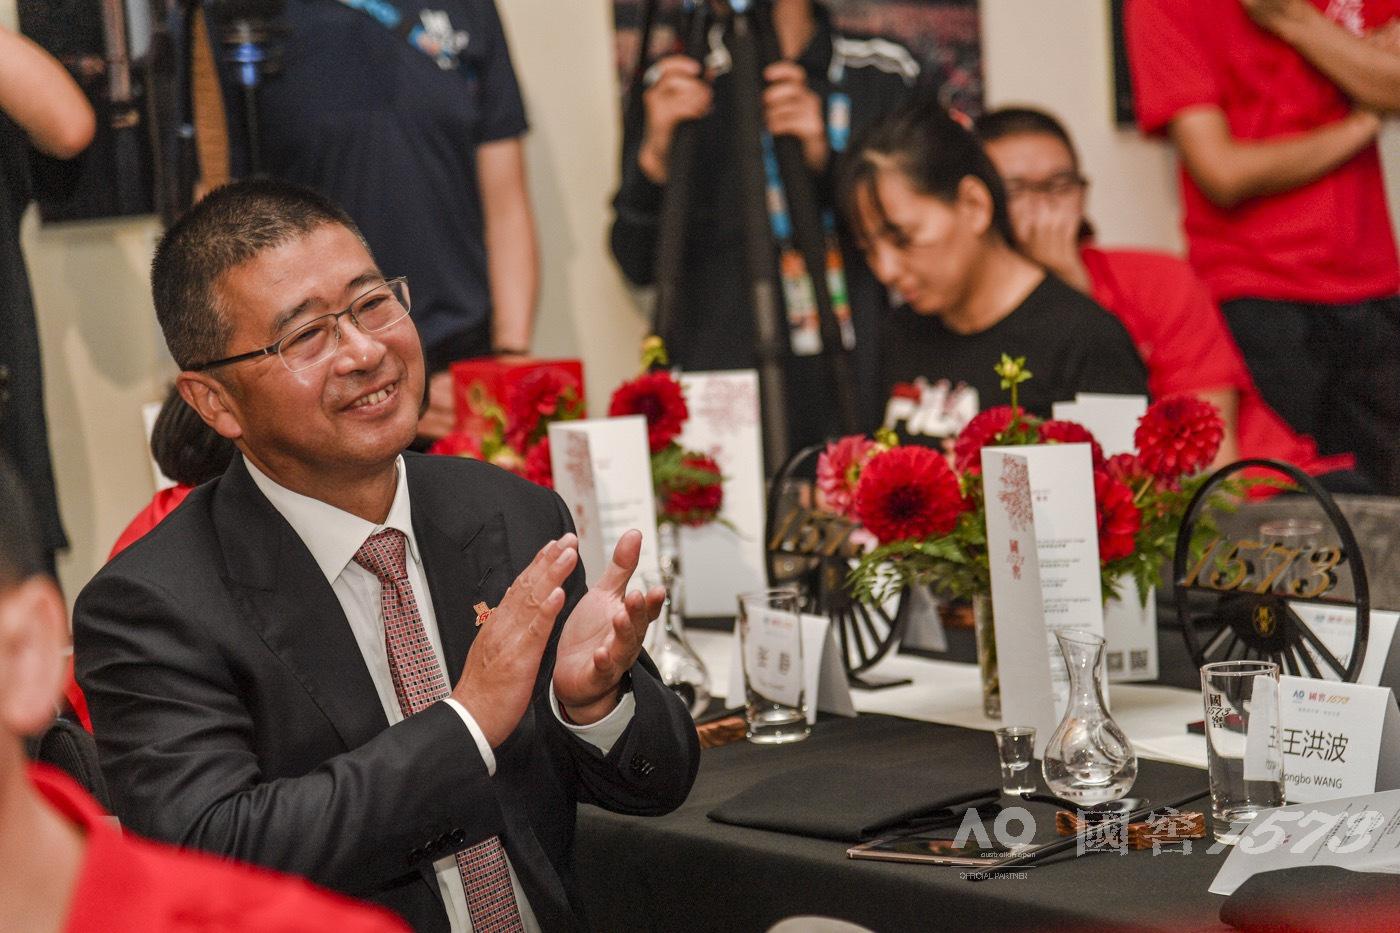 """北京时间1月18日,迎来了""""国窖1573日""""。全球限量1573套,定价1573美元(折合人民币10888元)的国窖1573酒澳网冠军版在澳大利亚墨尔本正式发布。"""